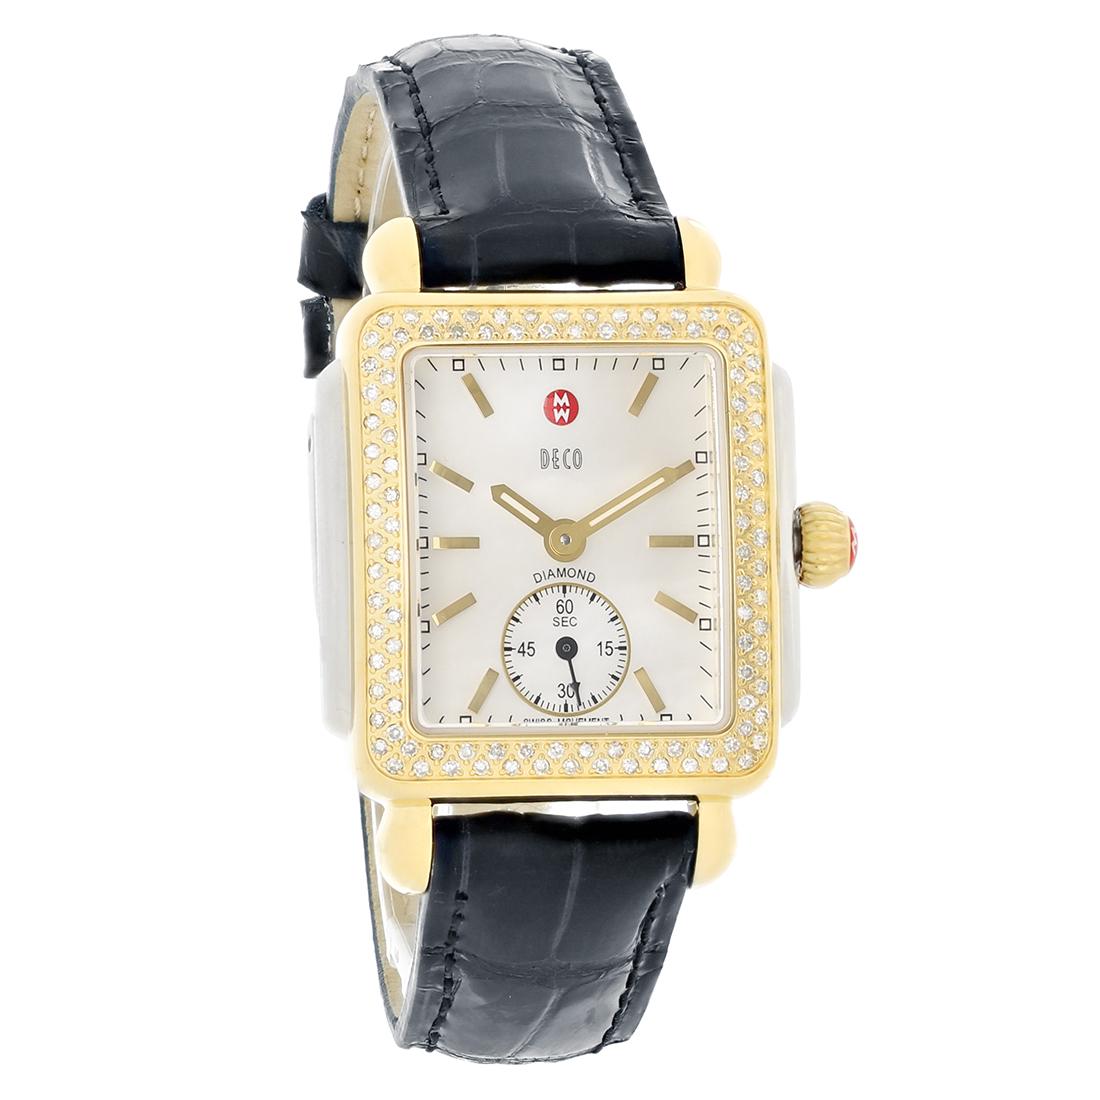 Michele Deco Diamond Watch Band